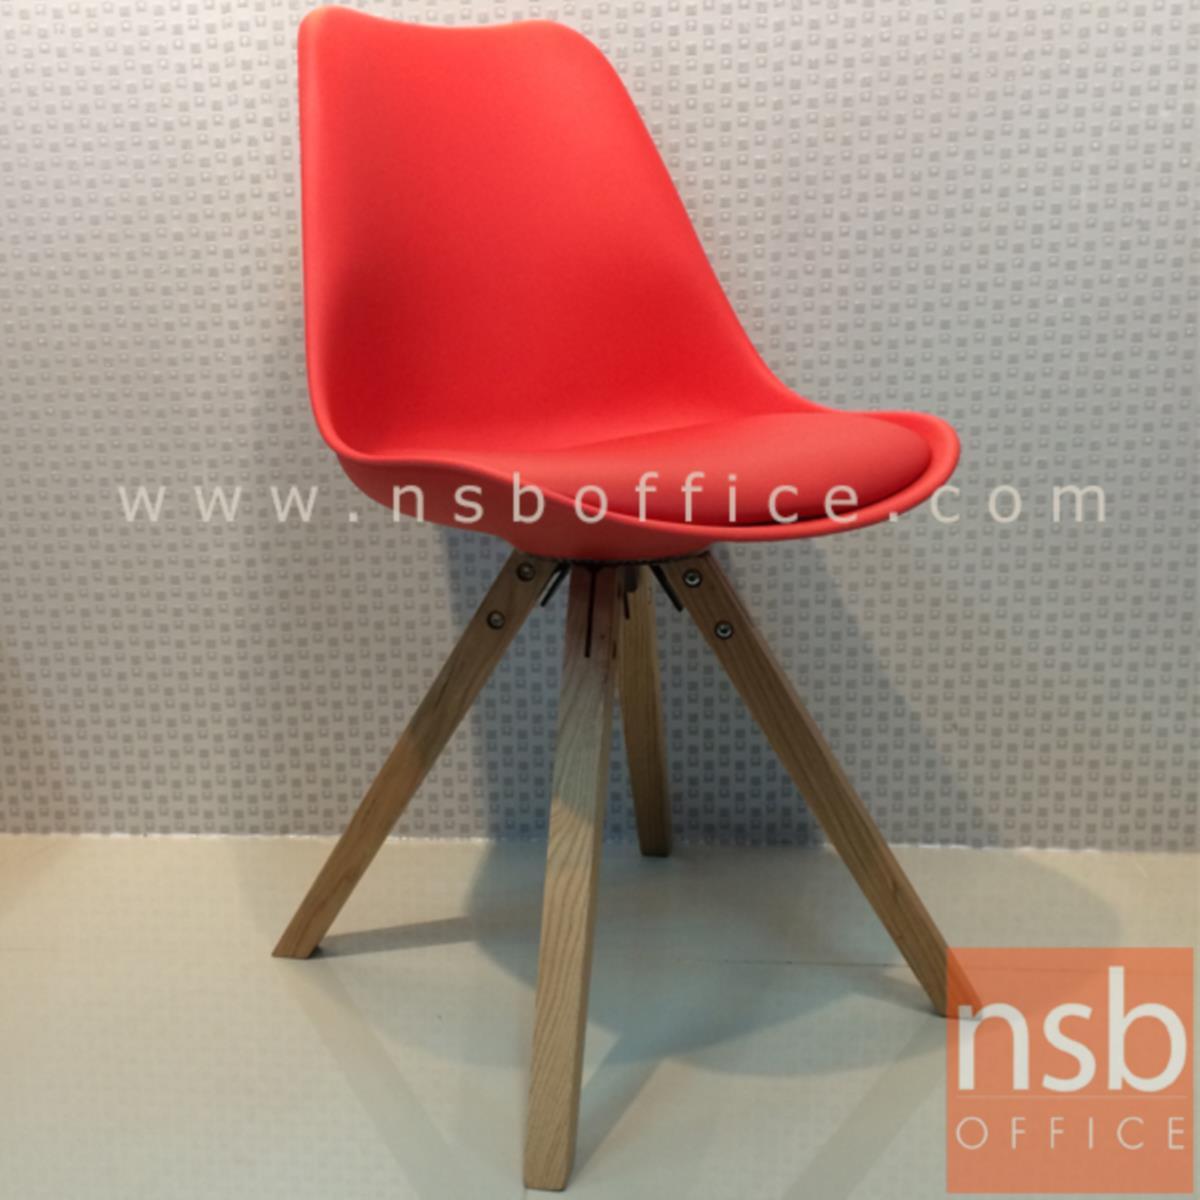 เก้าอี้โมเดิร์นหนังเทียม รุ่น Corbin (คอร์บิน) ขนาด 47W cm. ขาไม้